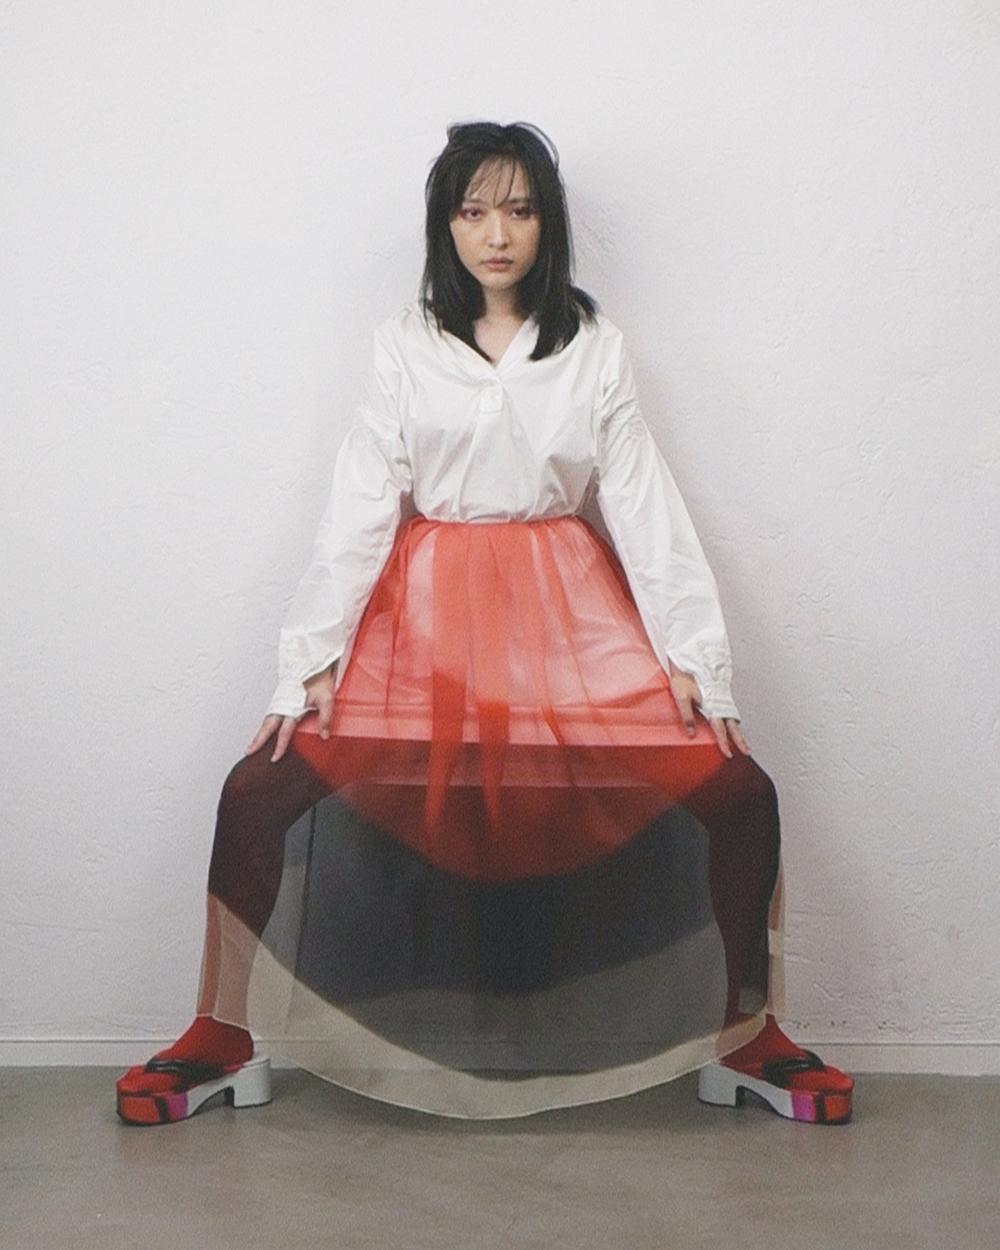 Ron Wan for JOYCE Group Hong Kong Featuring Dries Van Noten Womenswear